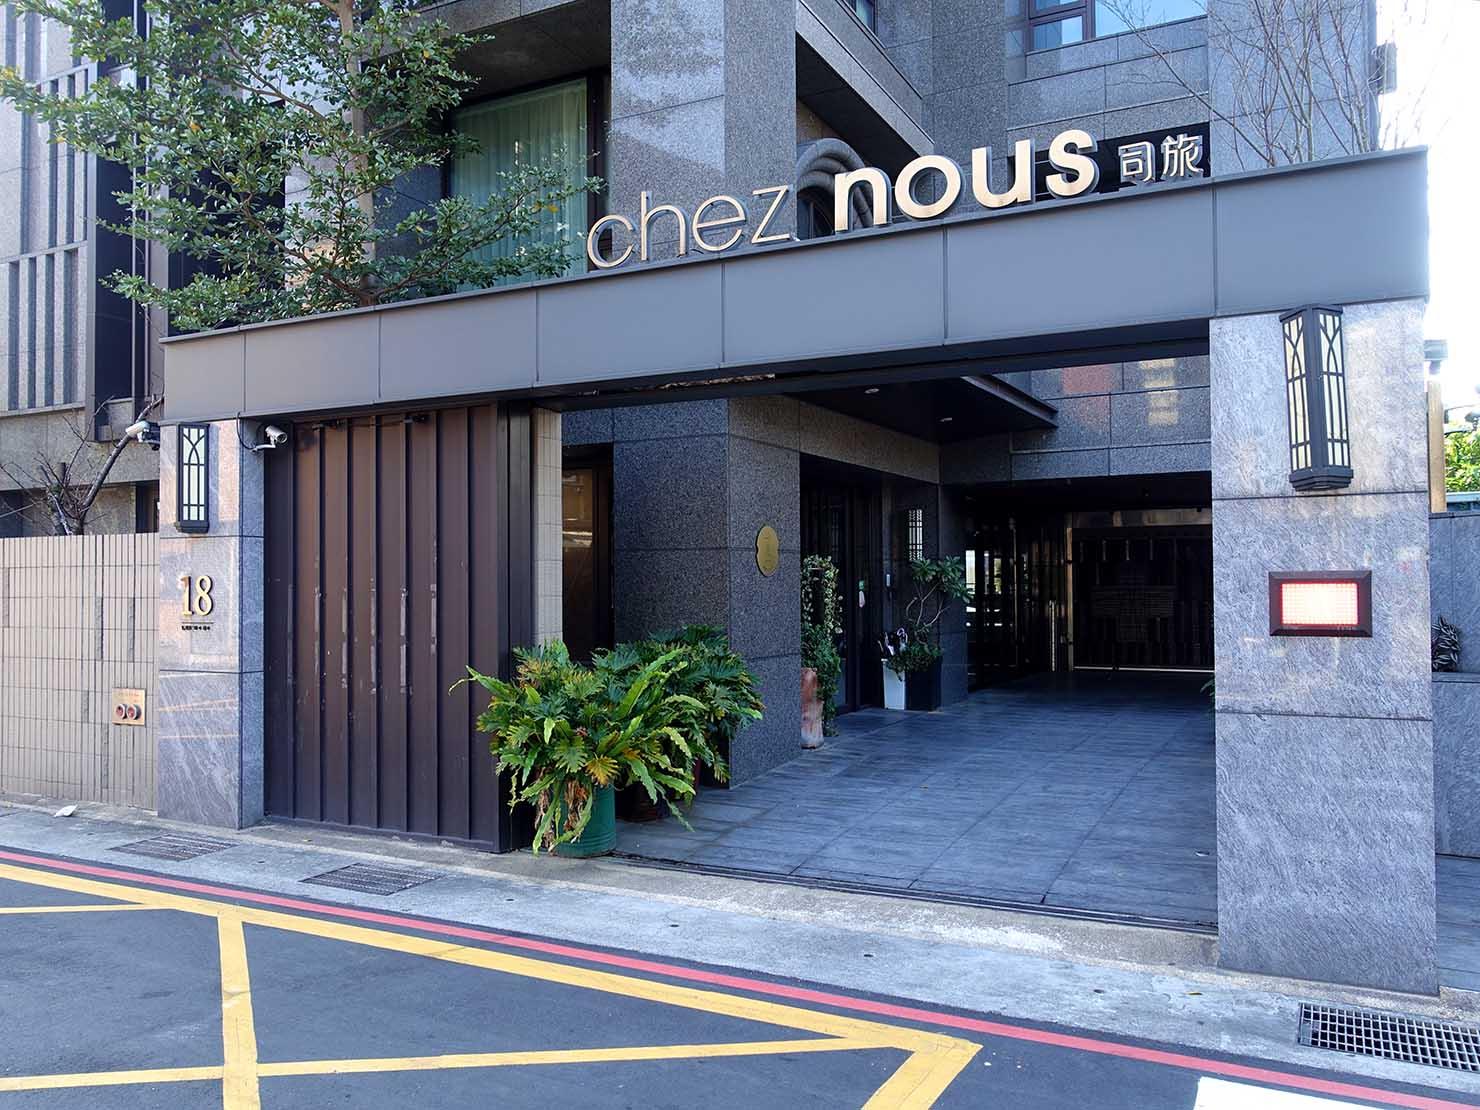 台北・大安の最高におしゃれなブティックホテル「chez nous 司旅」のエントランス